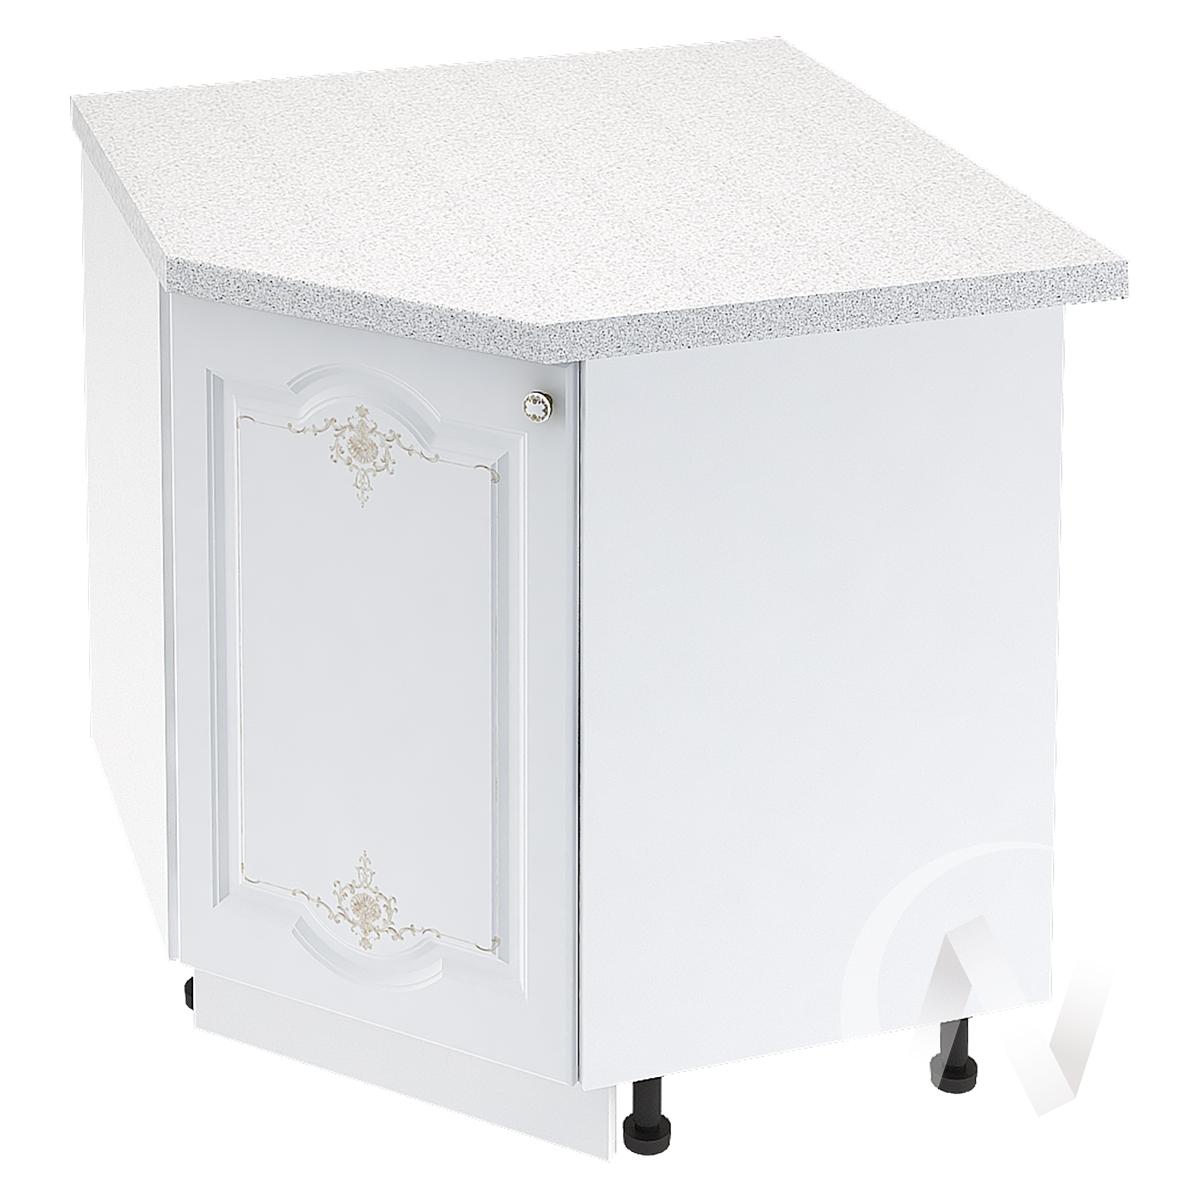 """Кухня """"Шарлиз"""": Шкаф нижний угловой 890, ШНУ 890 (корпус белый)"""